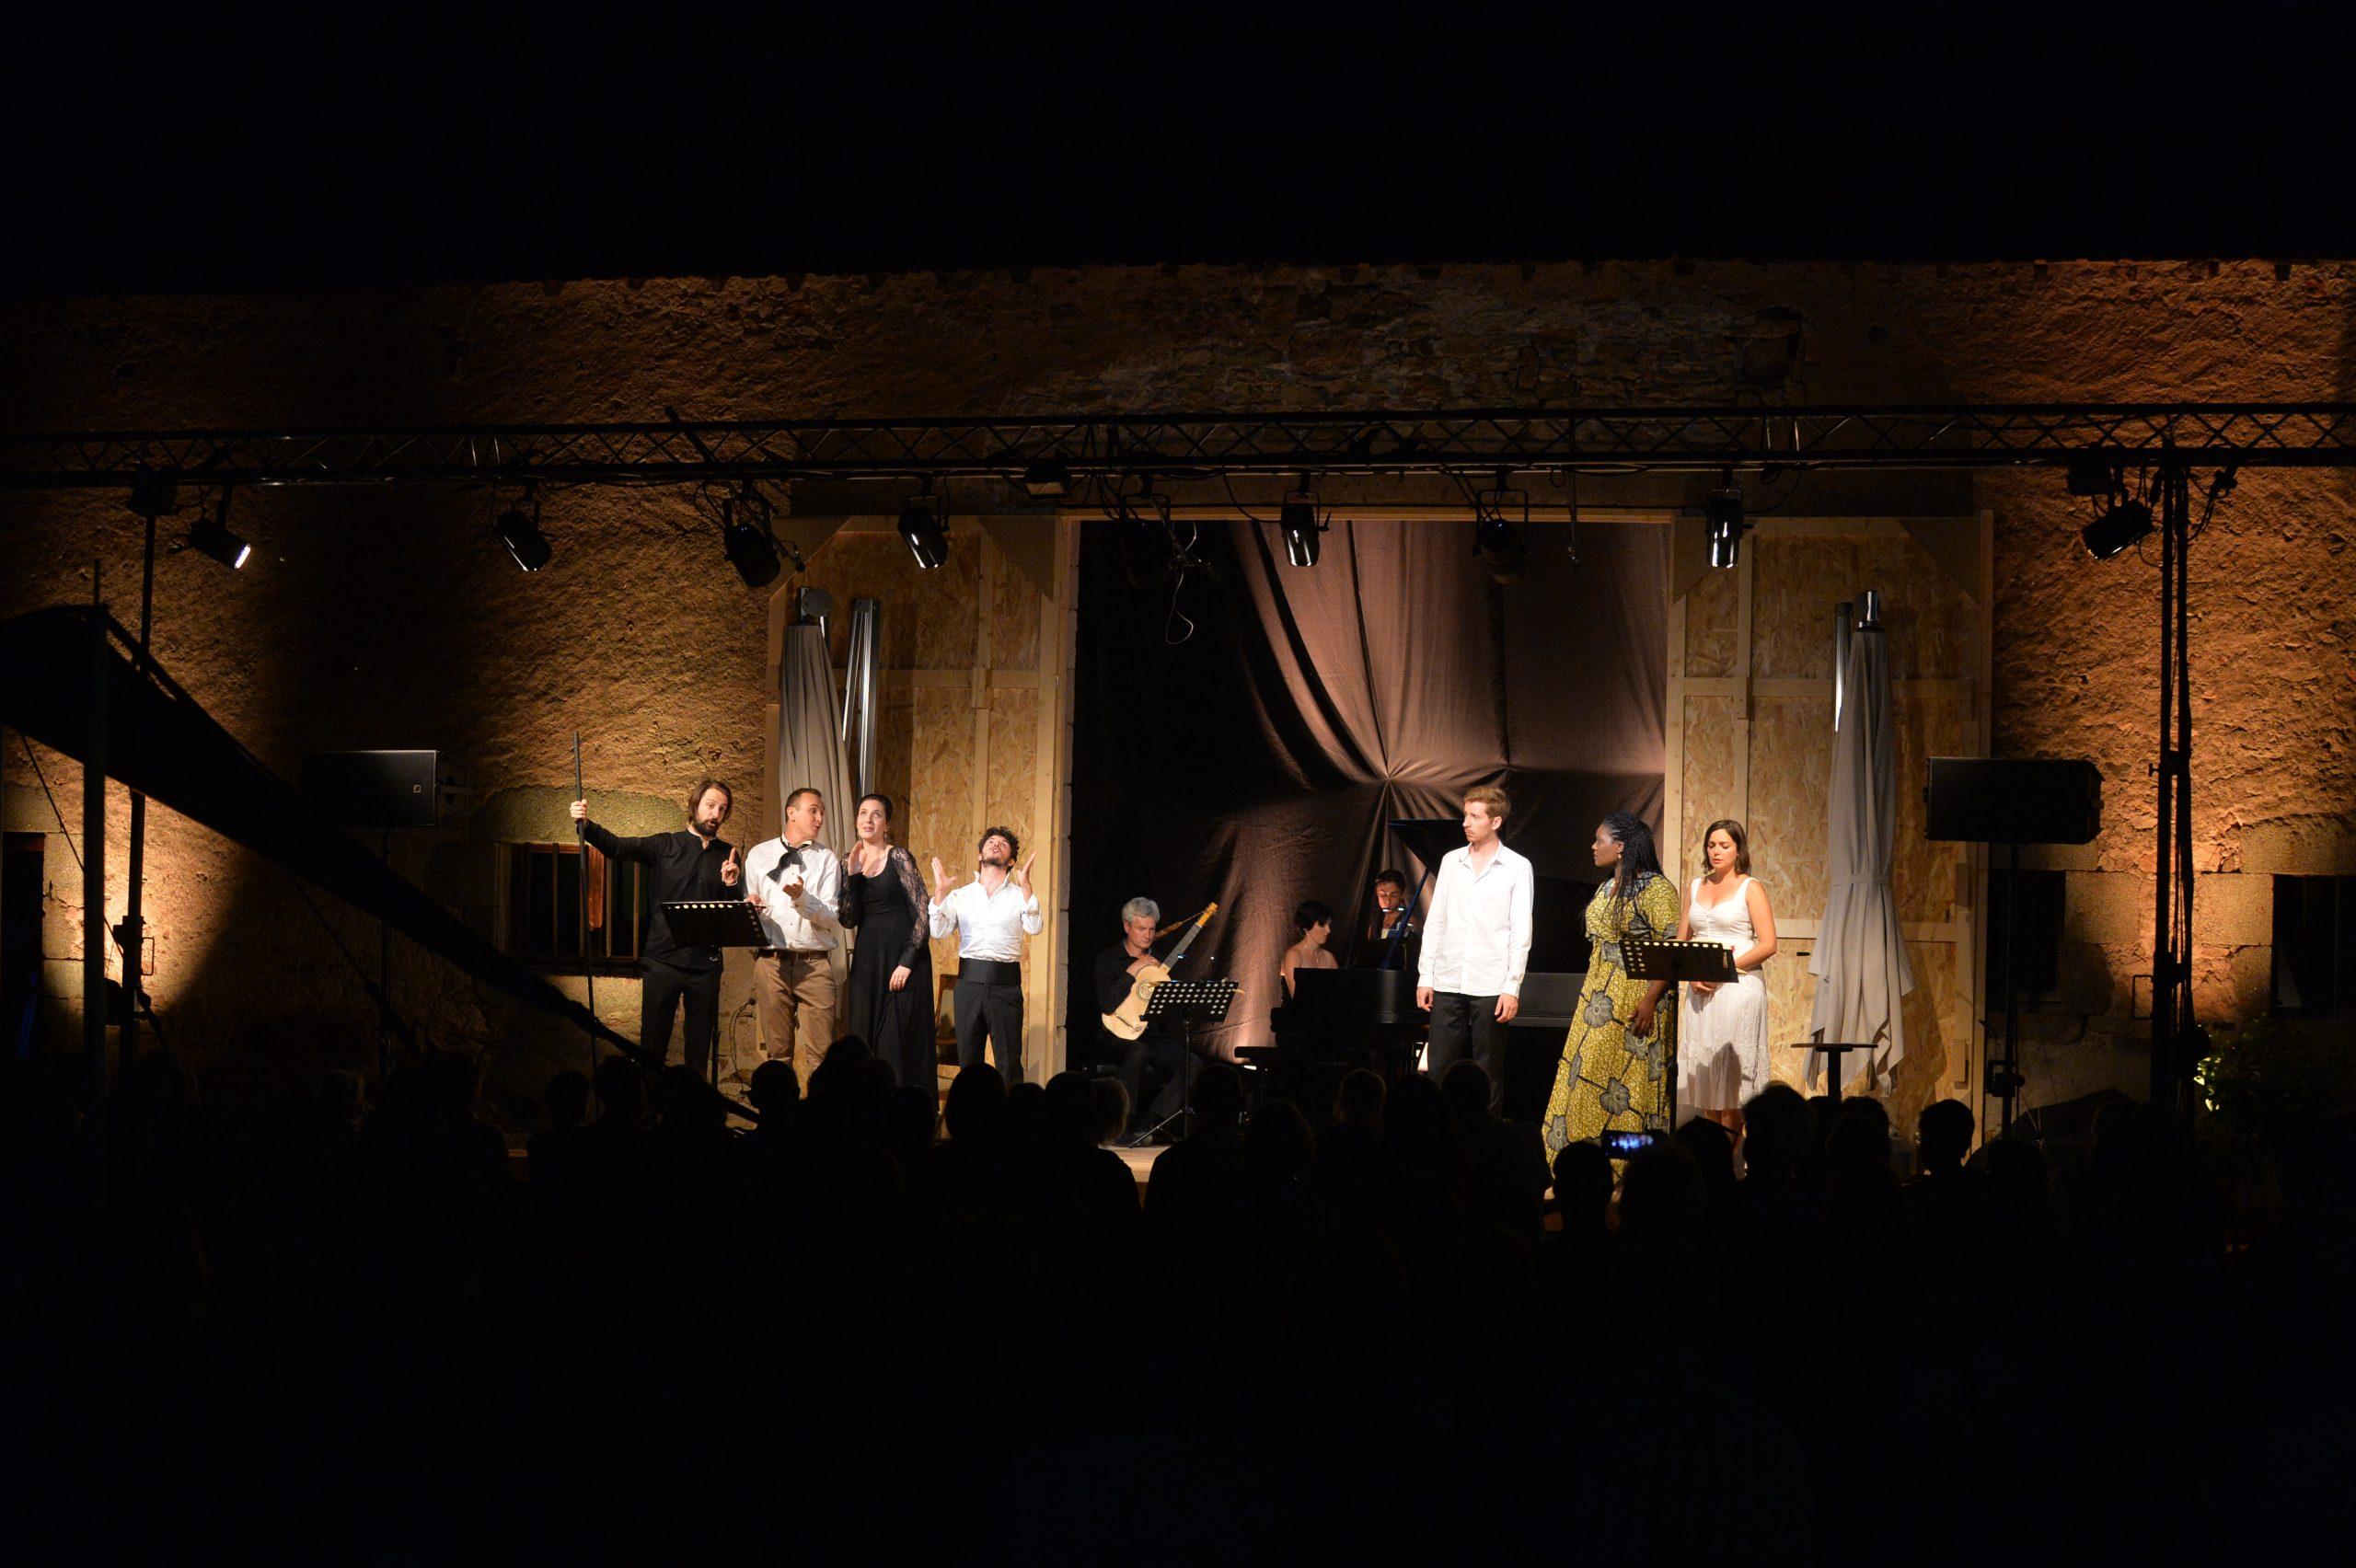 ©Yvan Bernaer - Les Noces de Figaro Mozart - Cie Opera Fuoco direction David Stern 8 août 2020